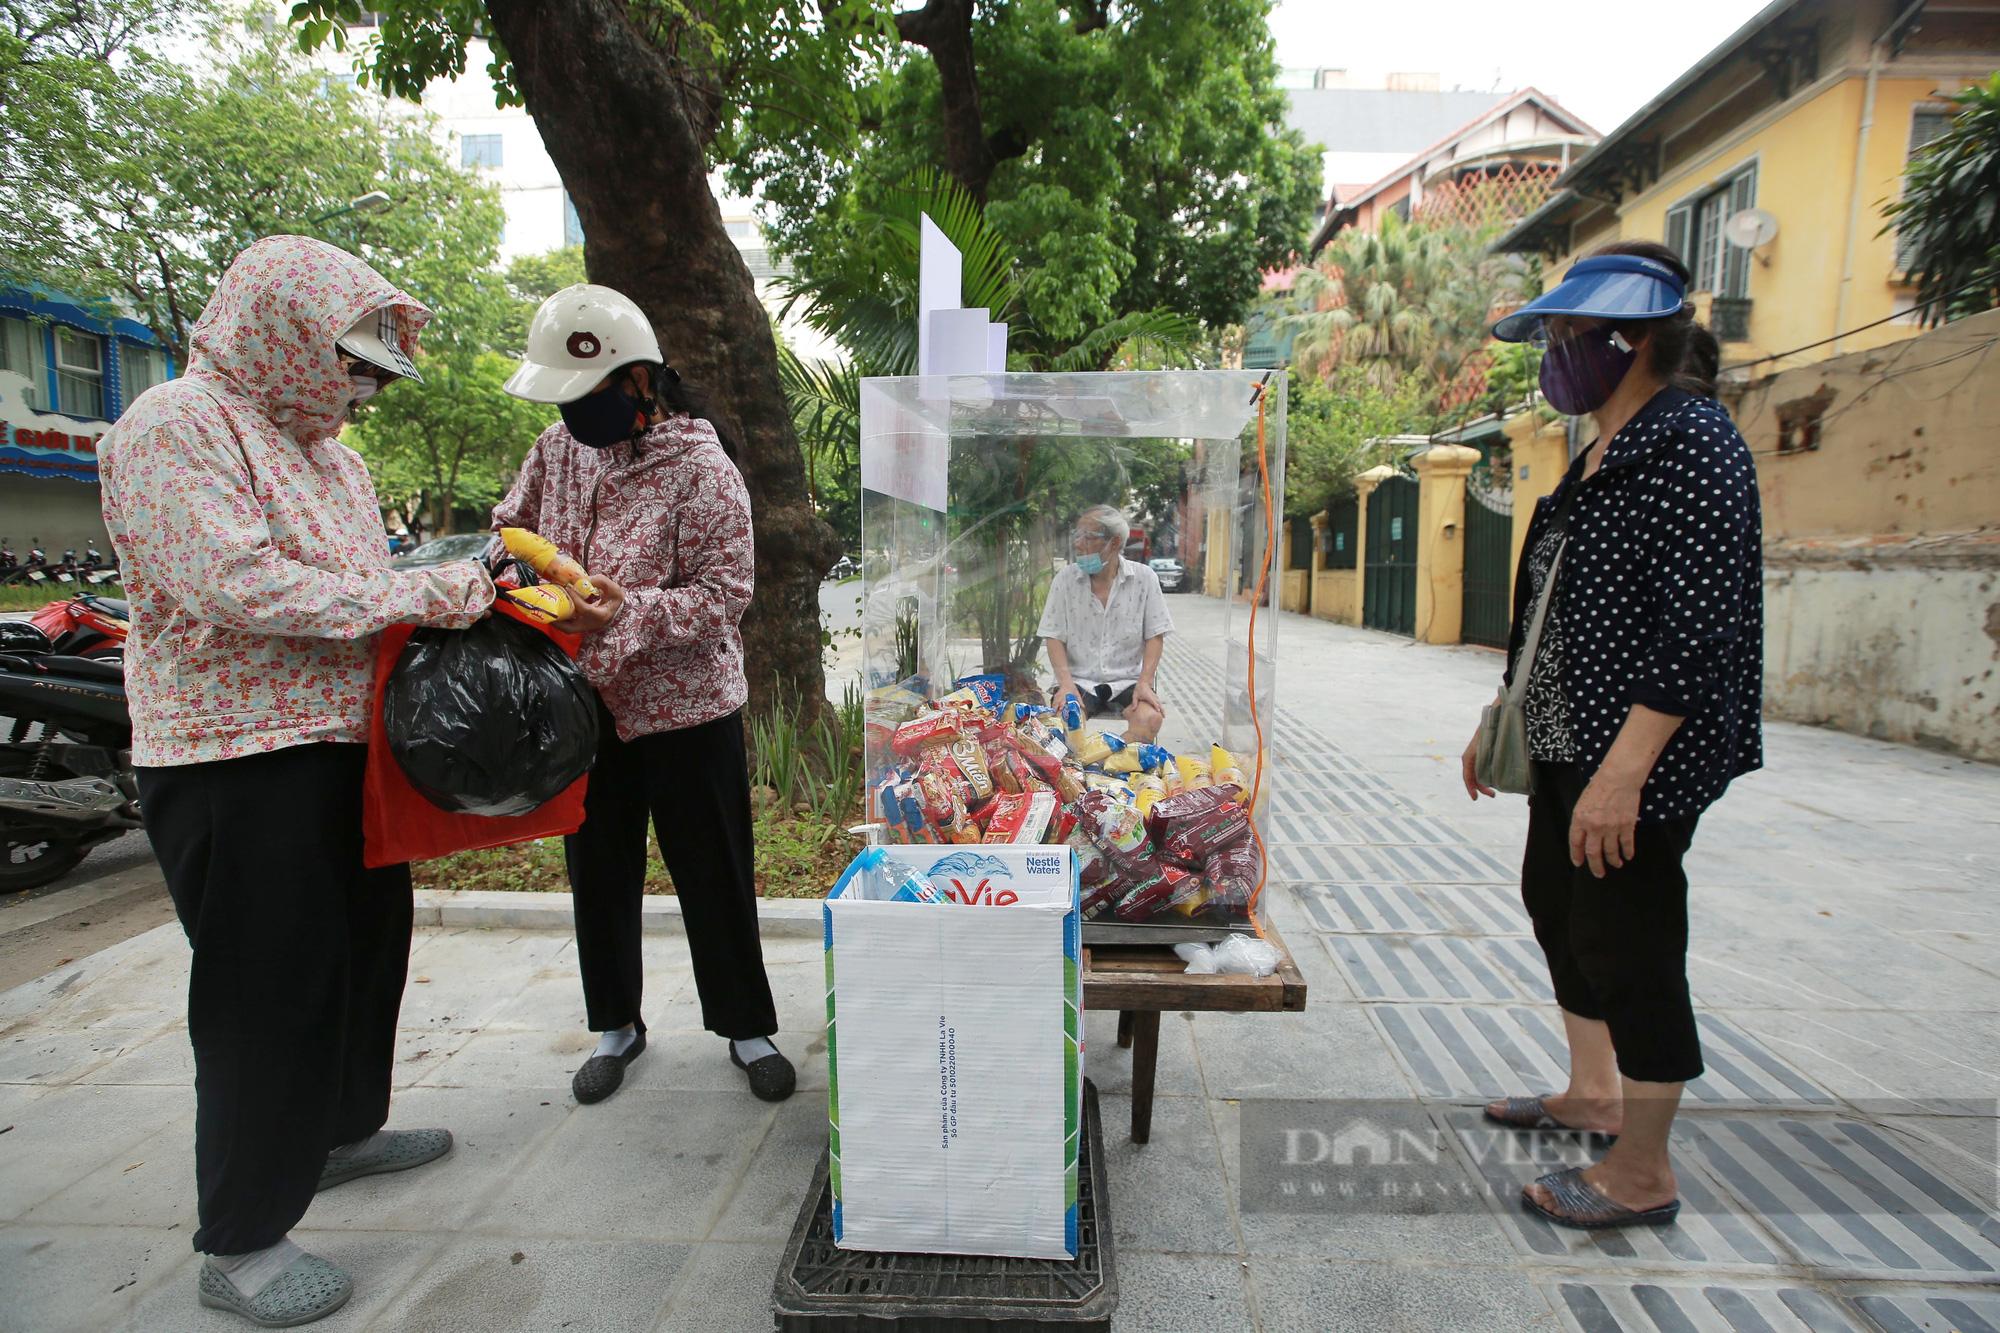 Ấm lòng tủ mì tôm, nước lọc miễn phí cho người khó khăn bên hè phố Hà Nội - Ảnh 2.